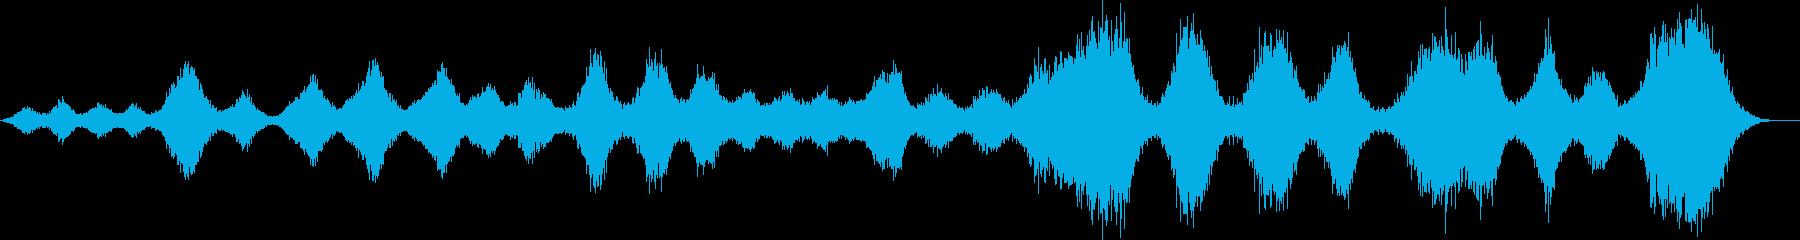 不気味な風の音のホラーアンビエントの再生済みの波形